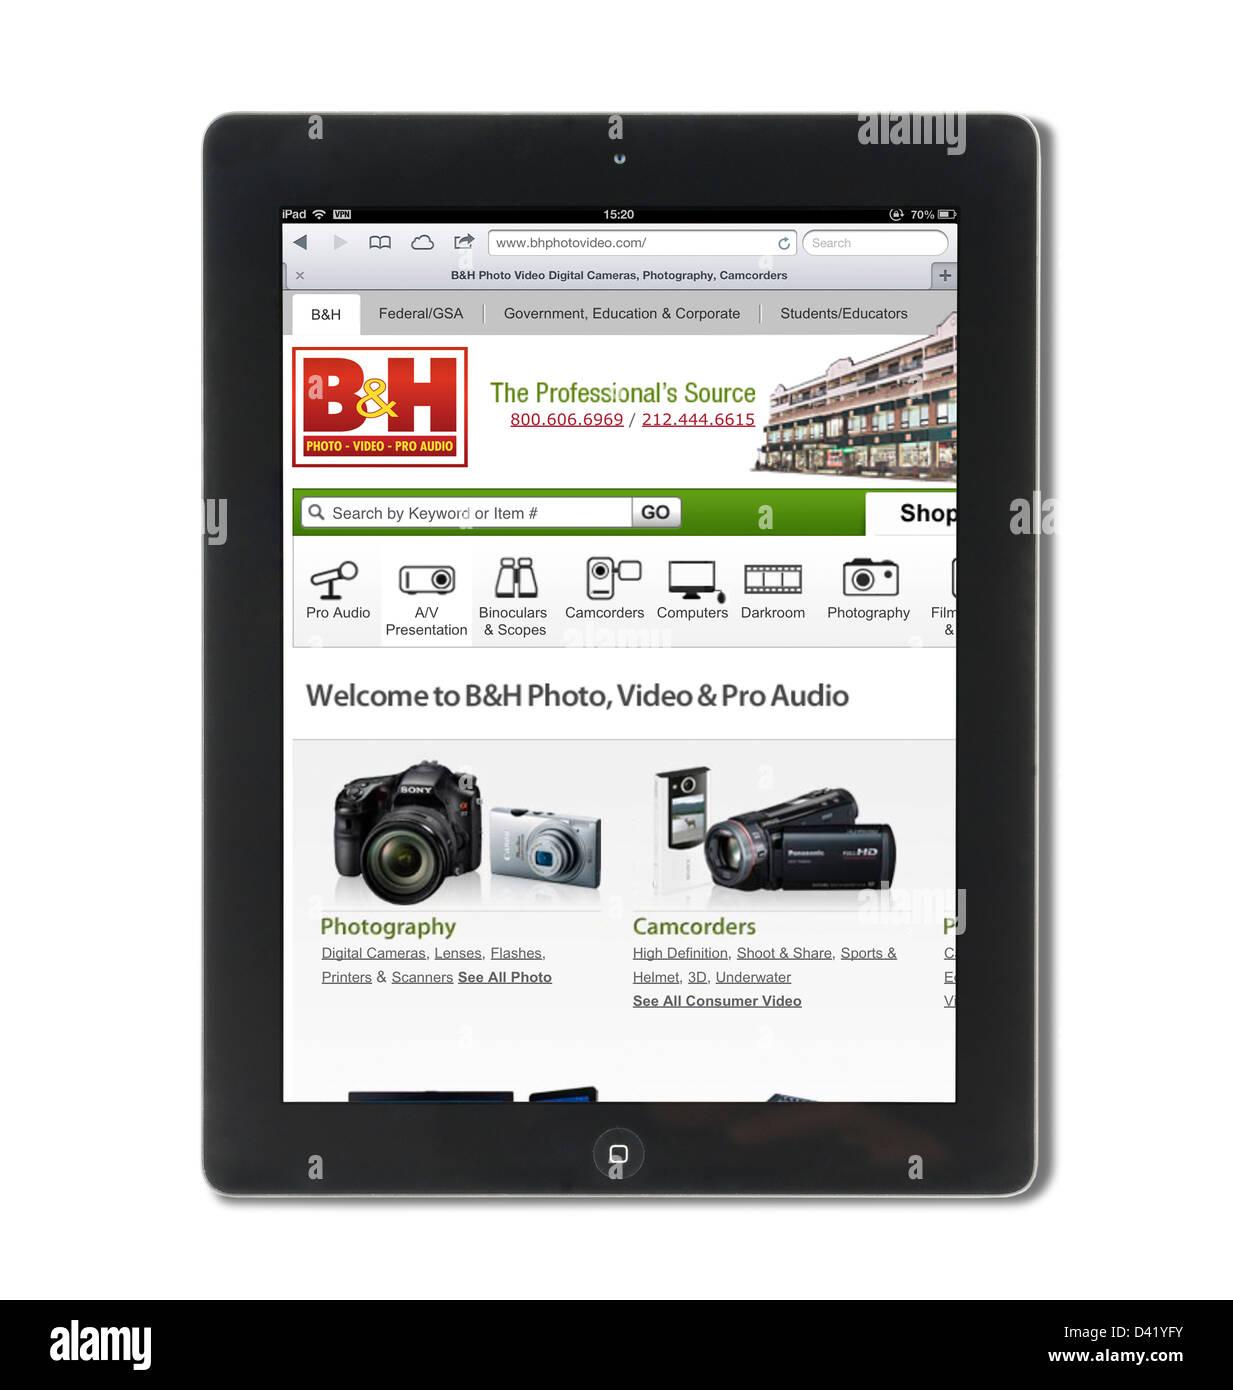 La tienda online de B&H Photo y Video ( BHPhotoVideo.com ) visto en un iPad 4, EE.UU. Imagen De Stock